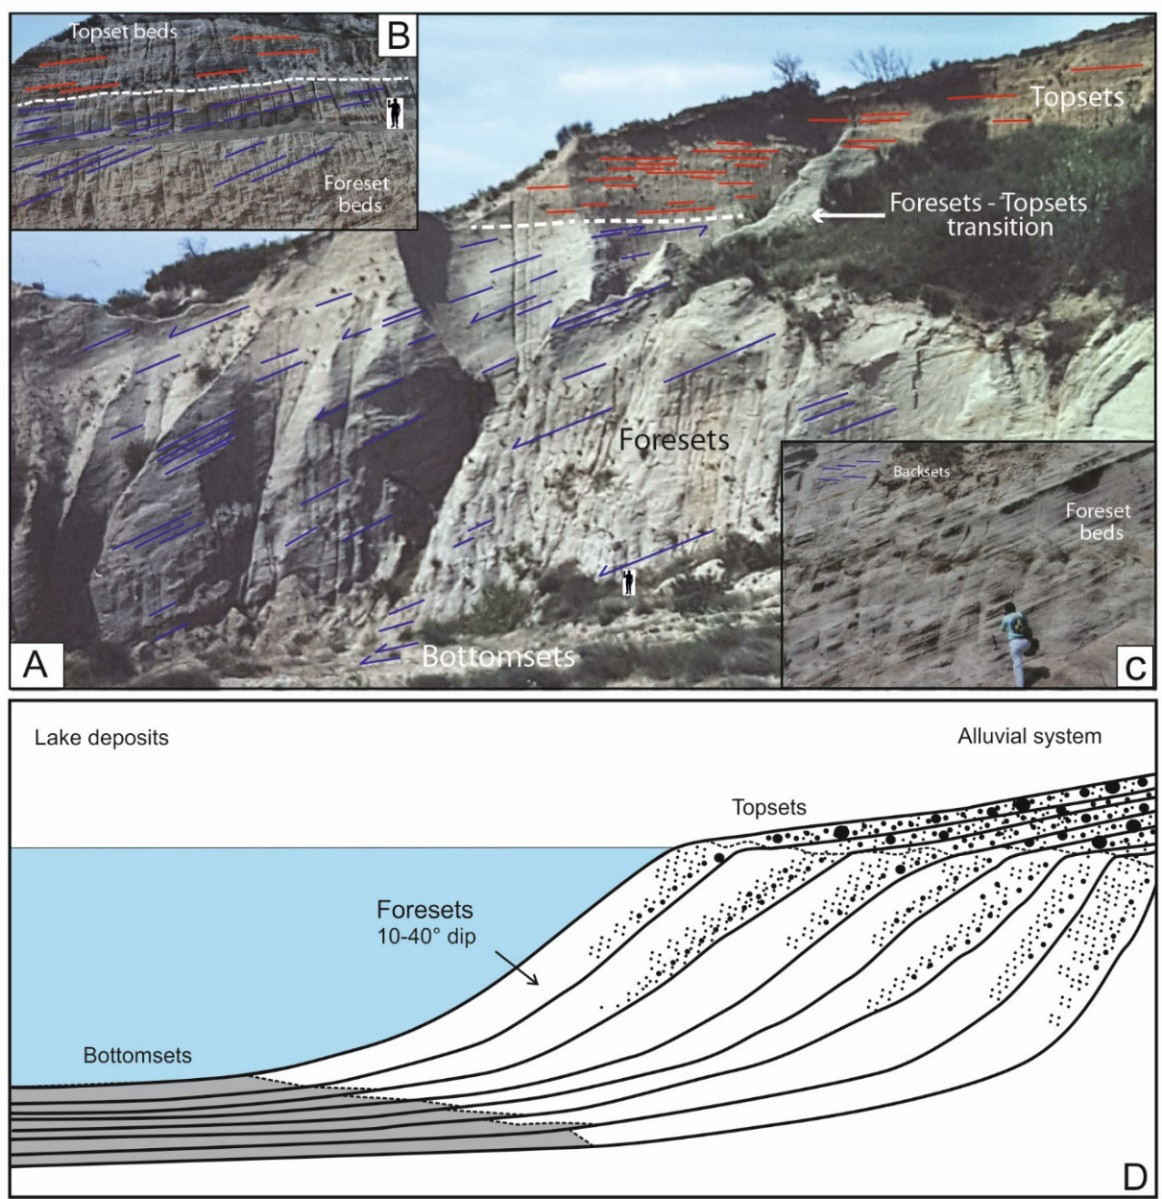 Alluvial fans schematic